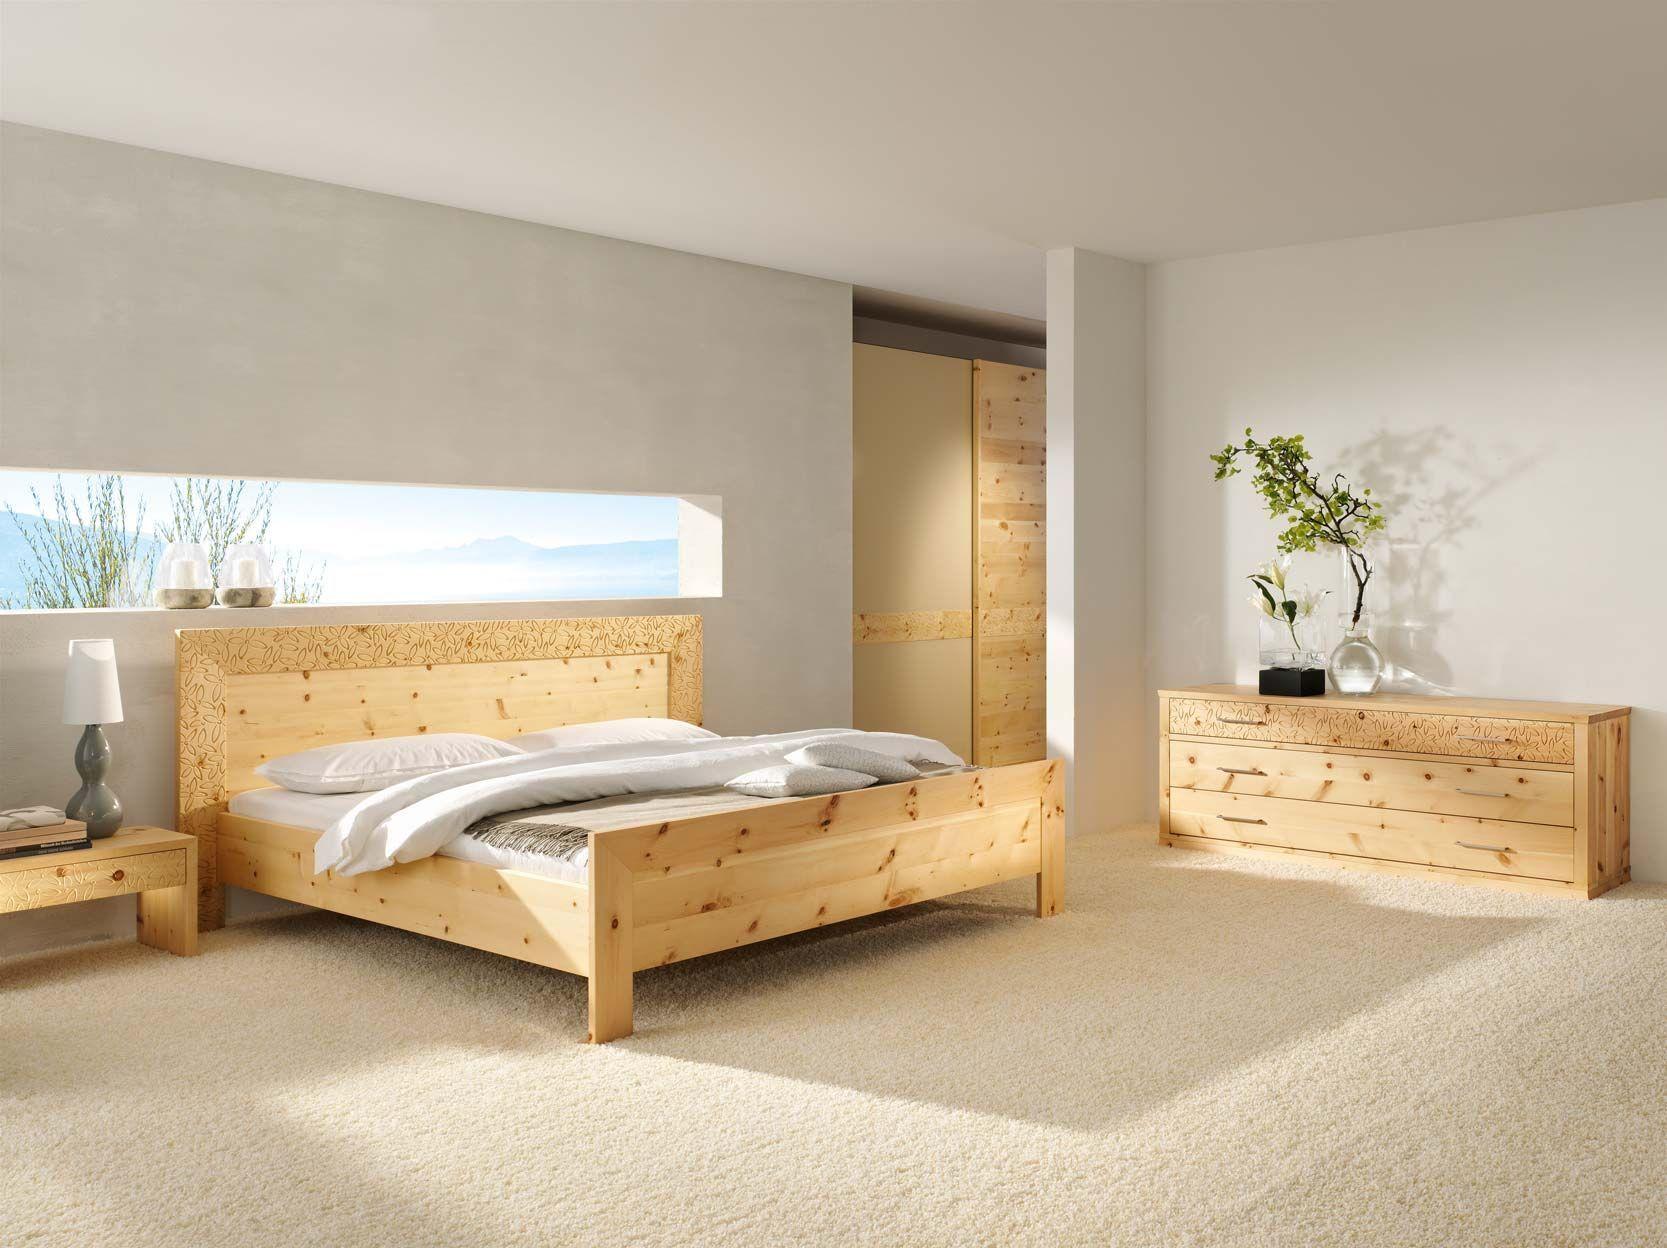 handgefertigte Massivholz Möbel, Zirbenholz, Bett, Schlafzimmer ...